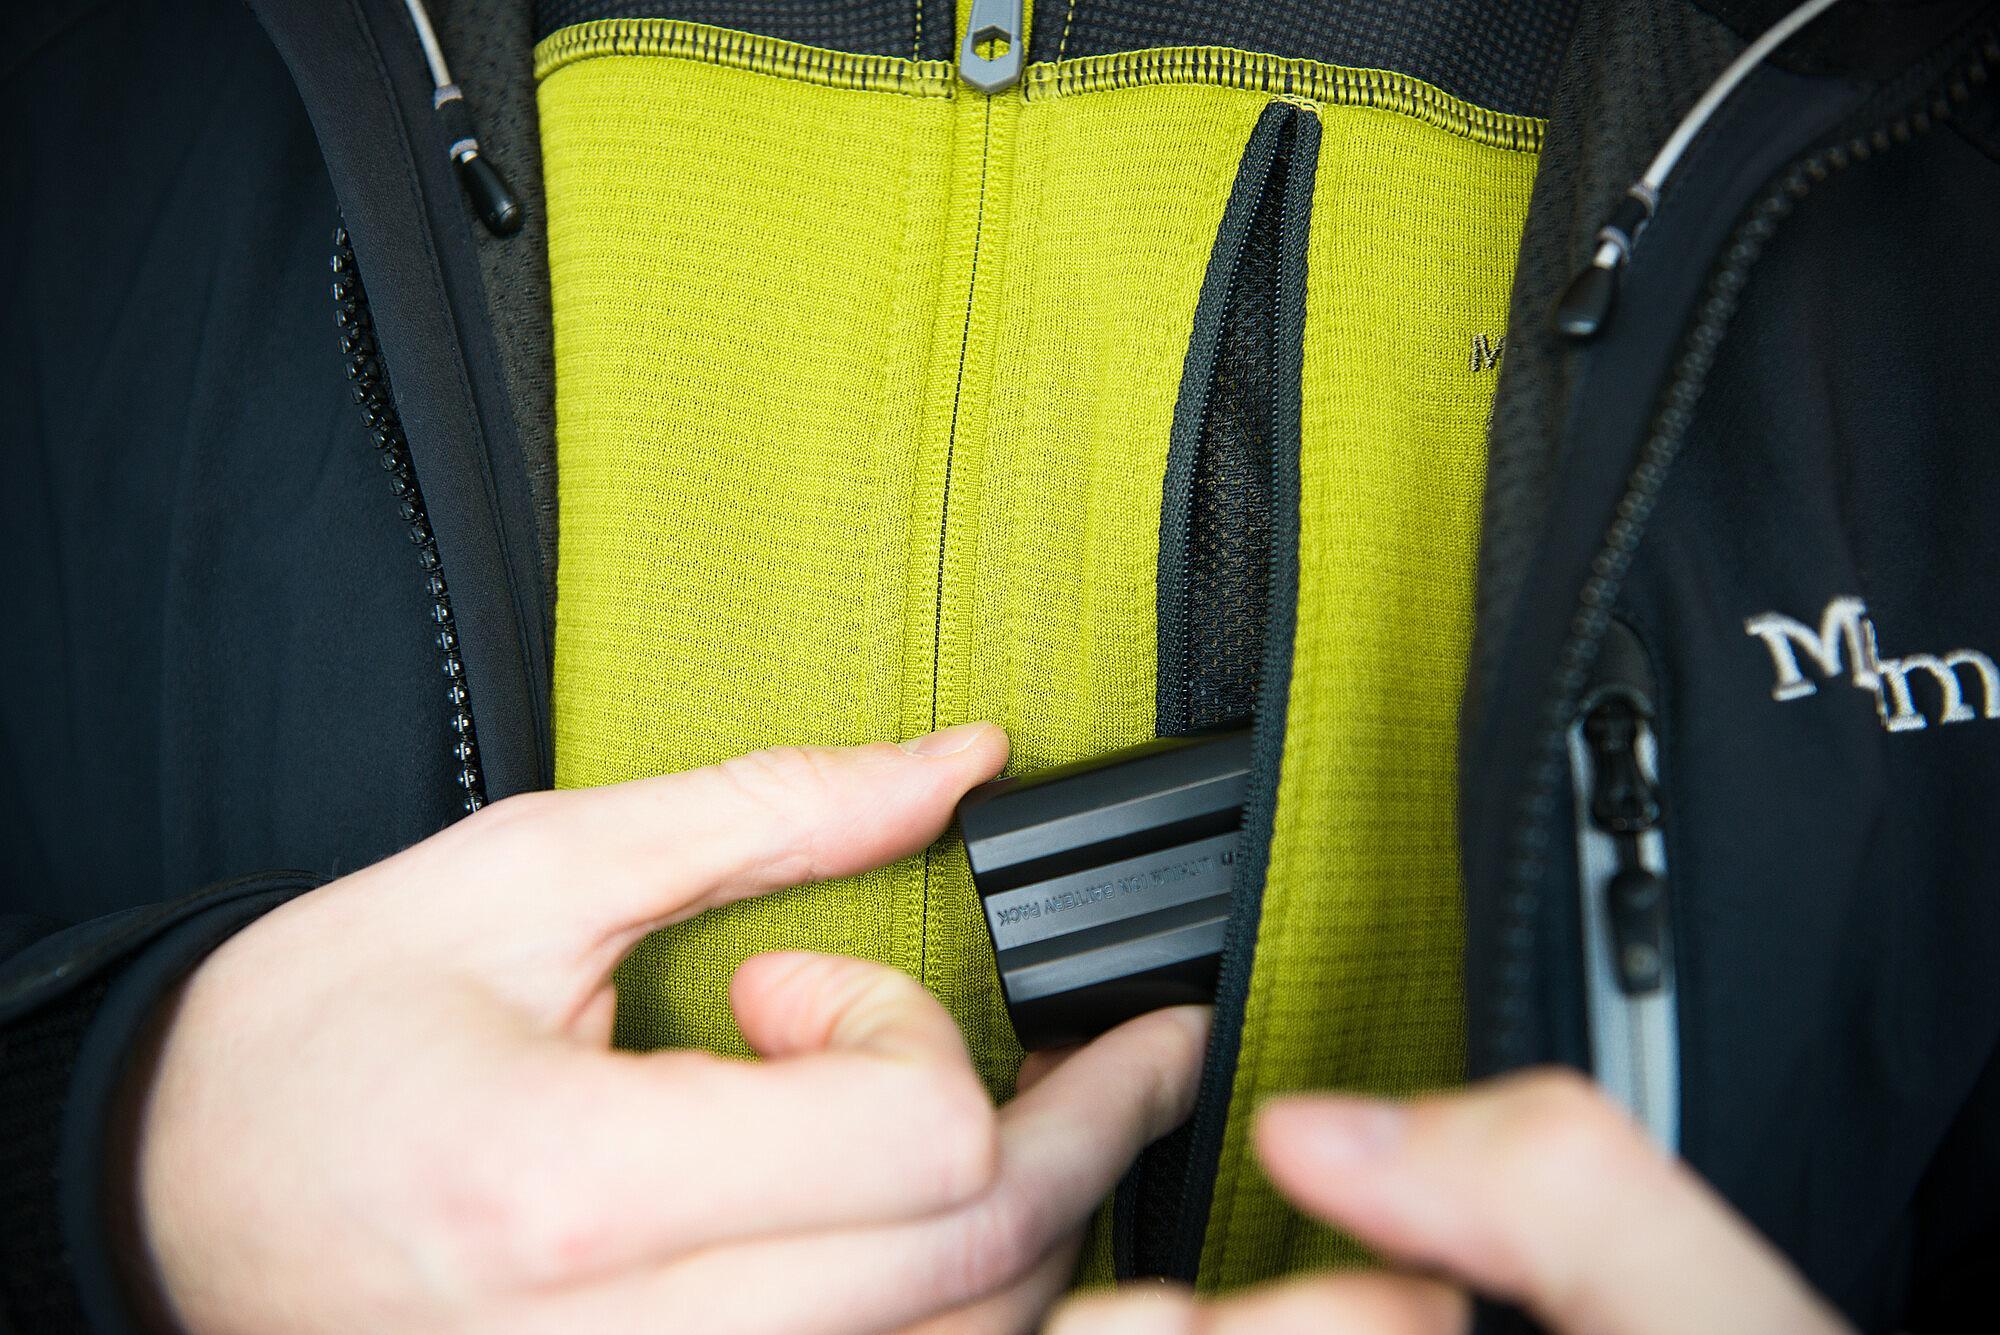 stoppa batterierna i fickan om det är kallt.